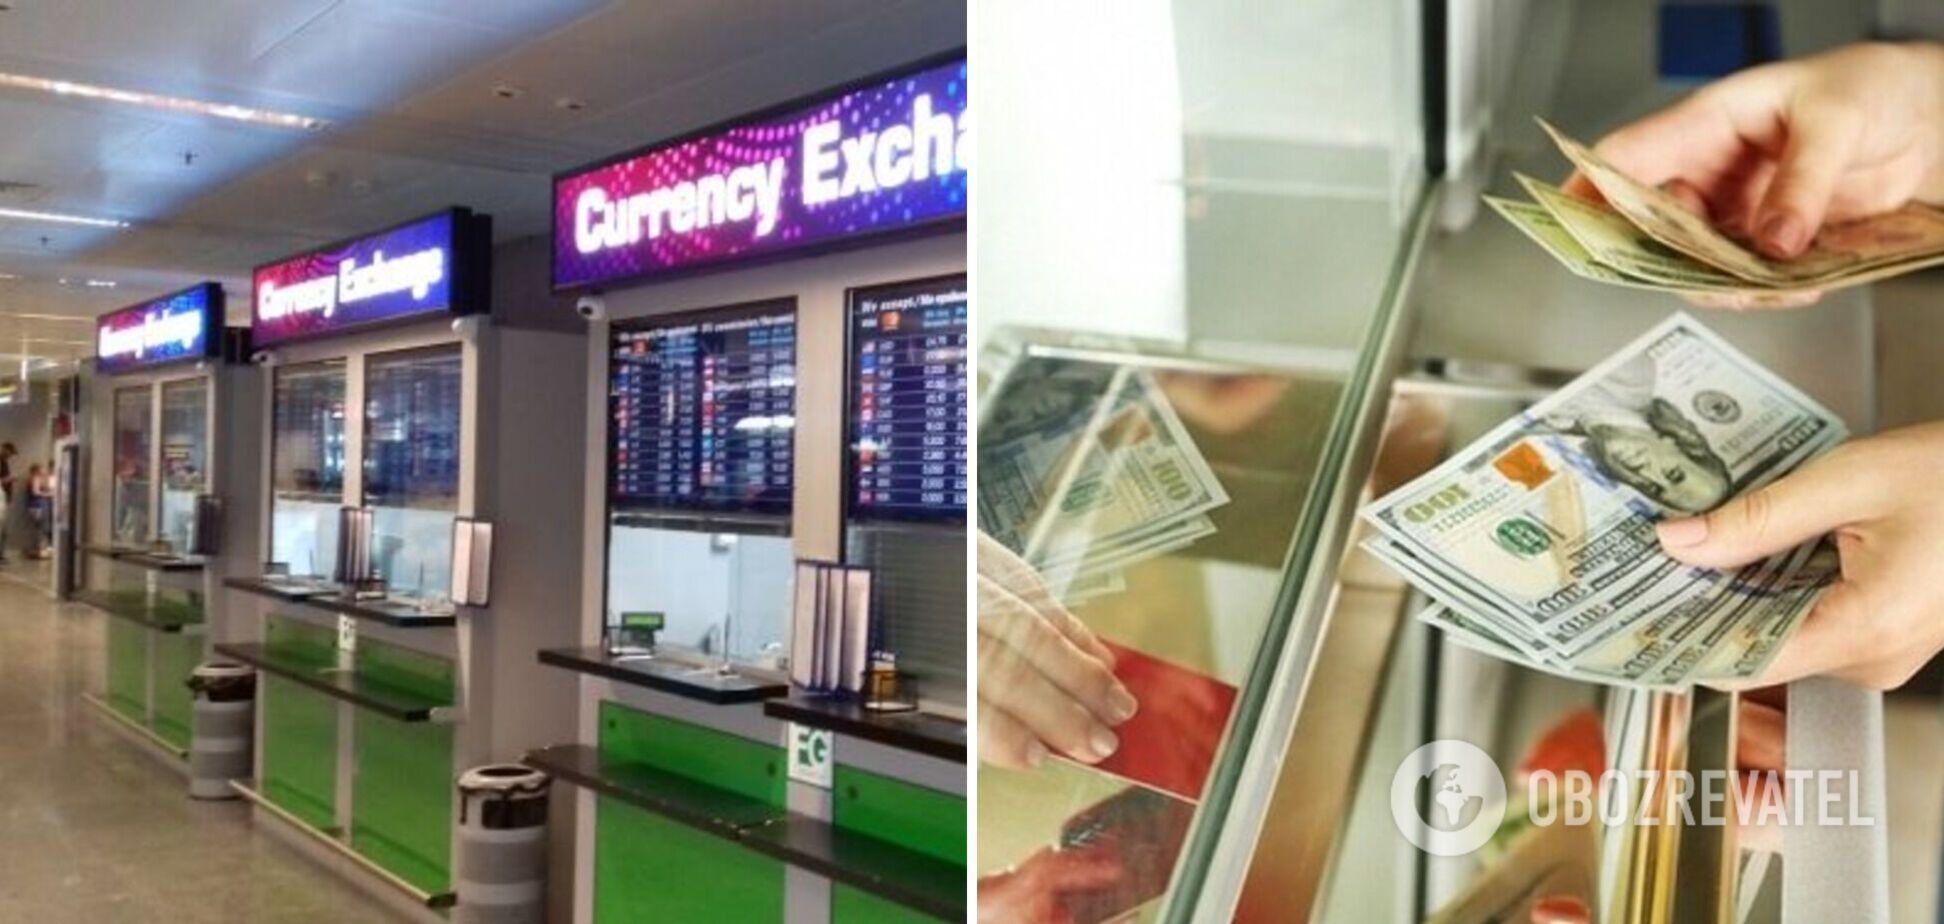 Как обманывают туристов в аэропорту 'Борисполь'